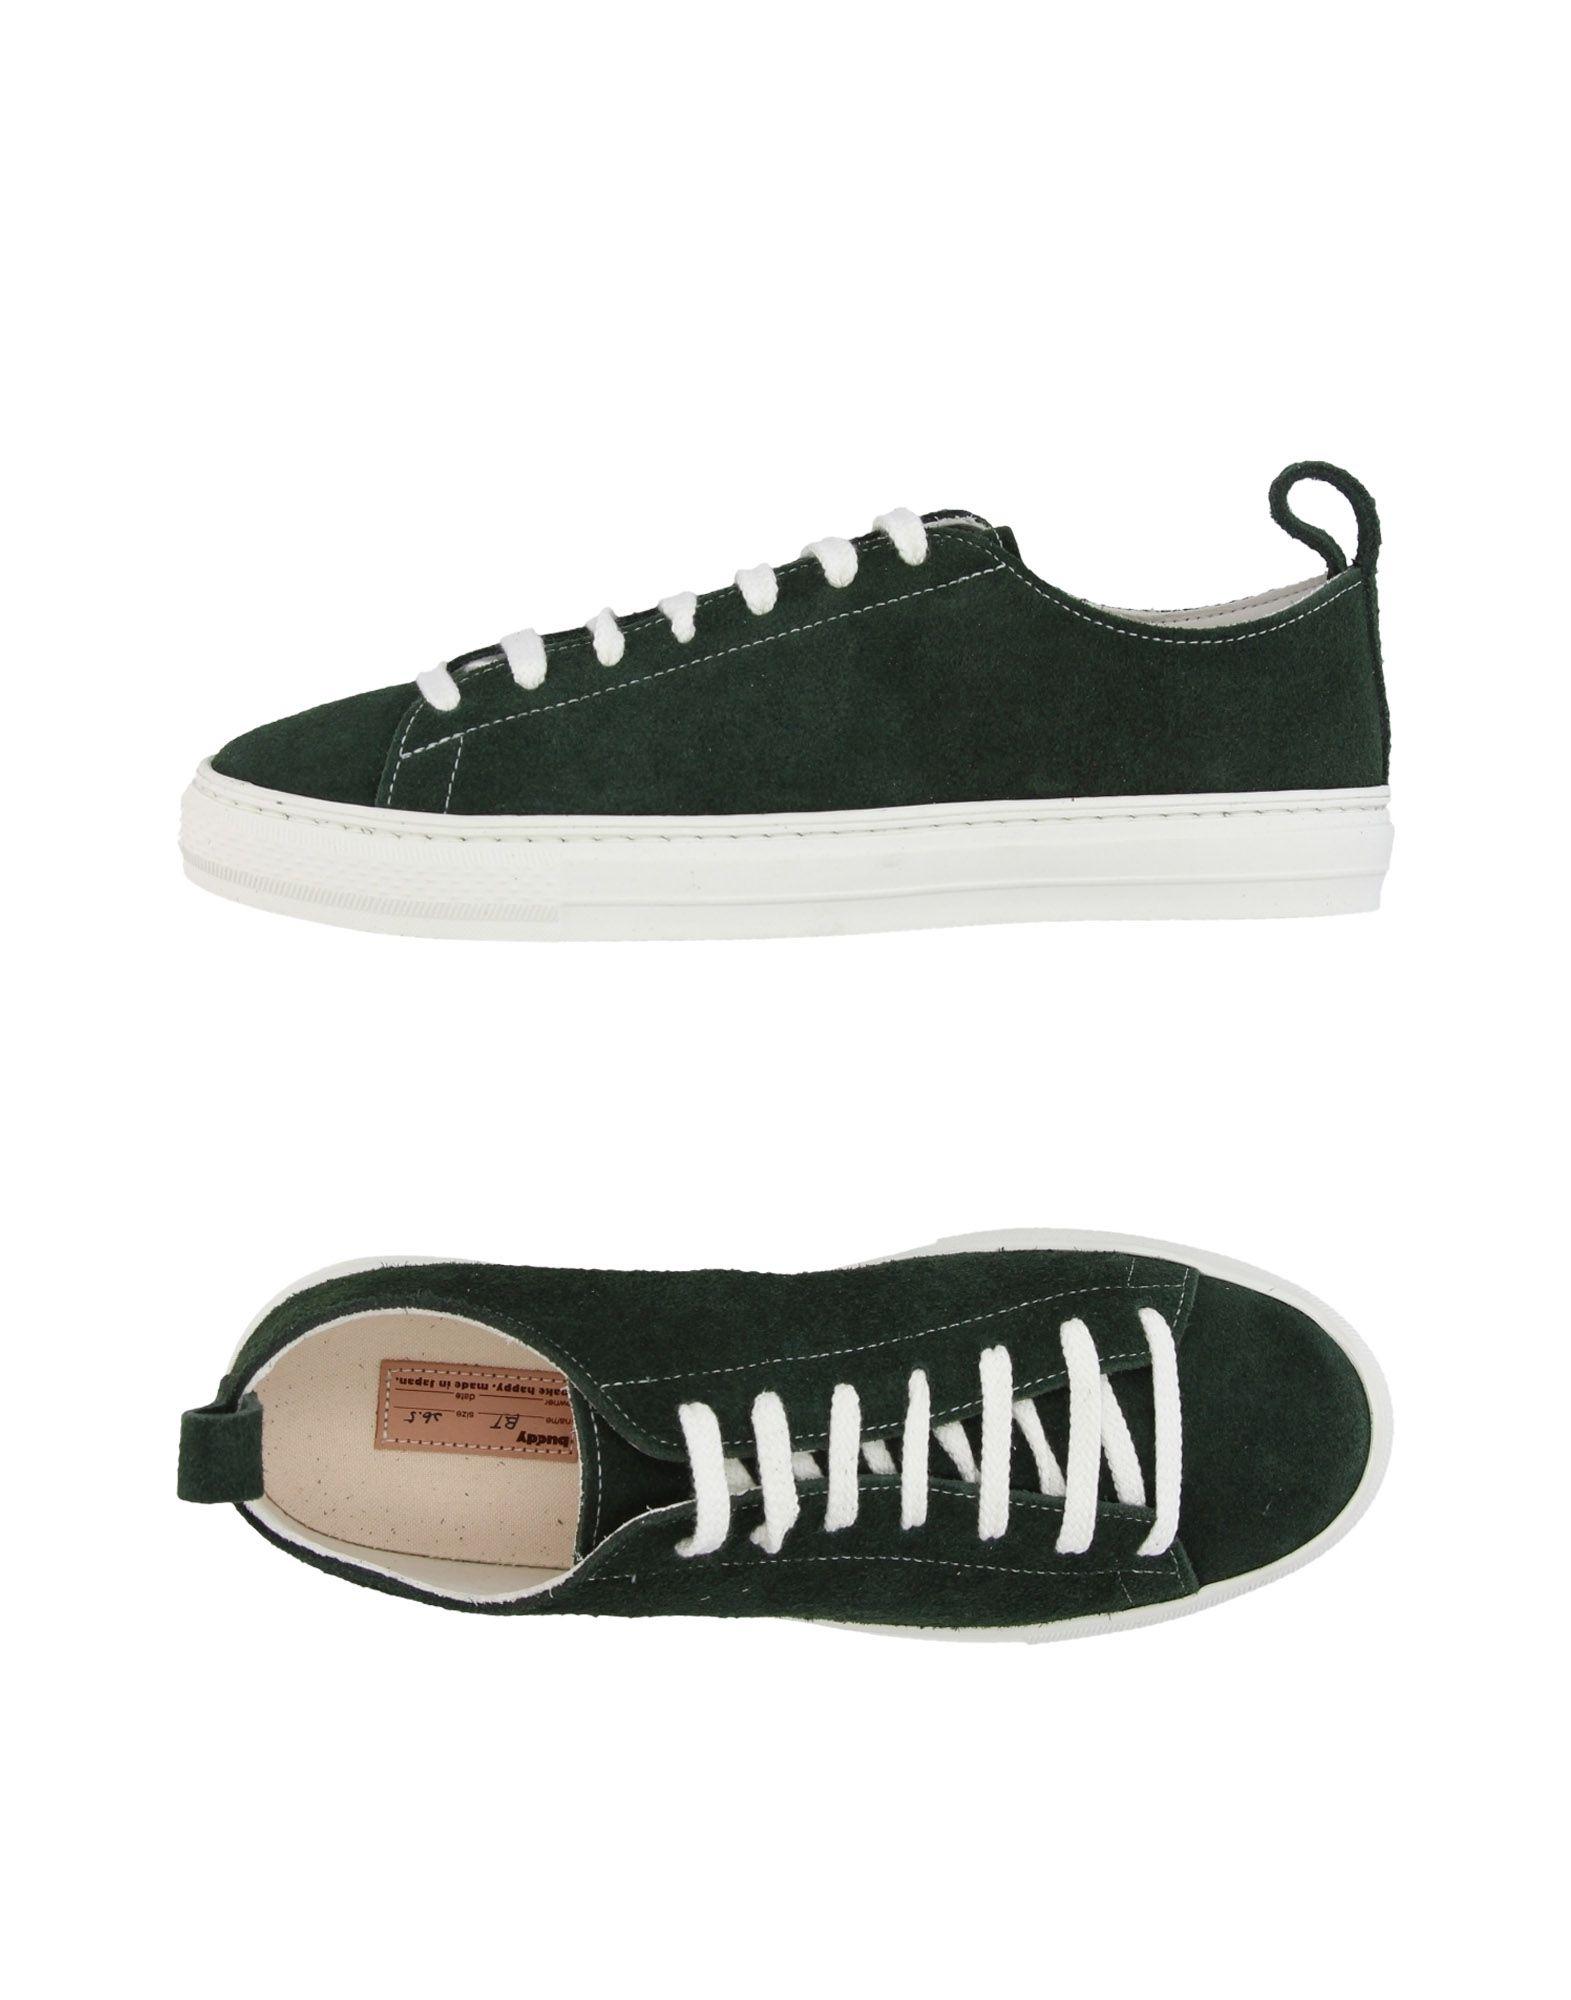 Rabatt echte Sneakers Schuhe Buddy Sneakers echte Herren  11213856XN 7ba136